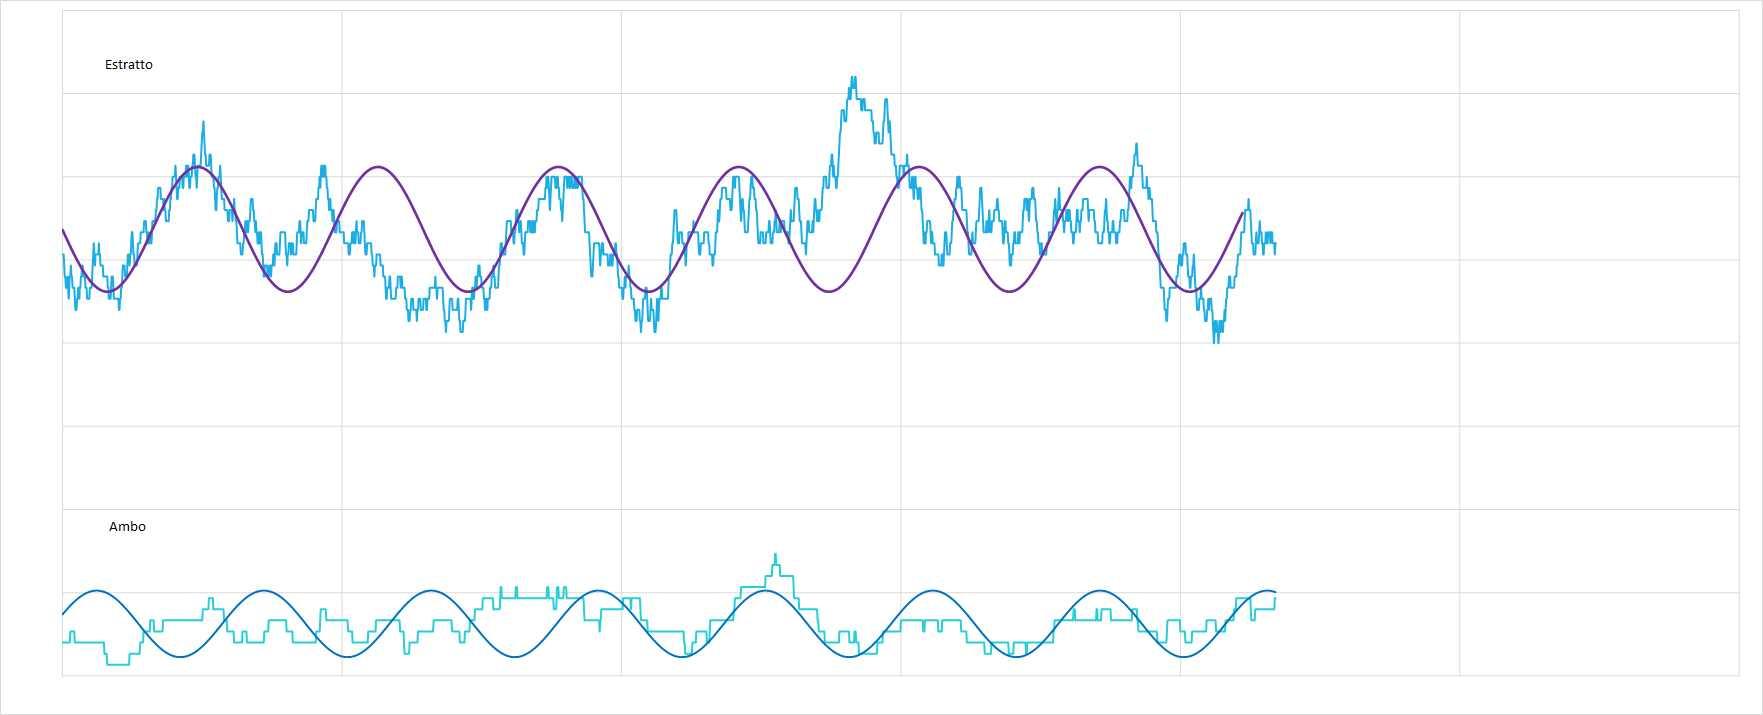 Ipotetico andamento sinusoidale interpolante per le medie dell'estratto e dell'ambo - Aggiornato all'estrazione precedente il 30 Marzo 2021